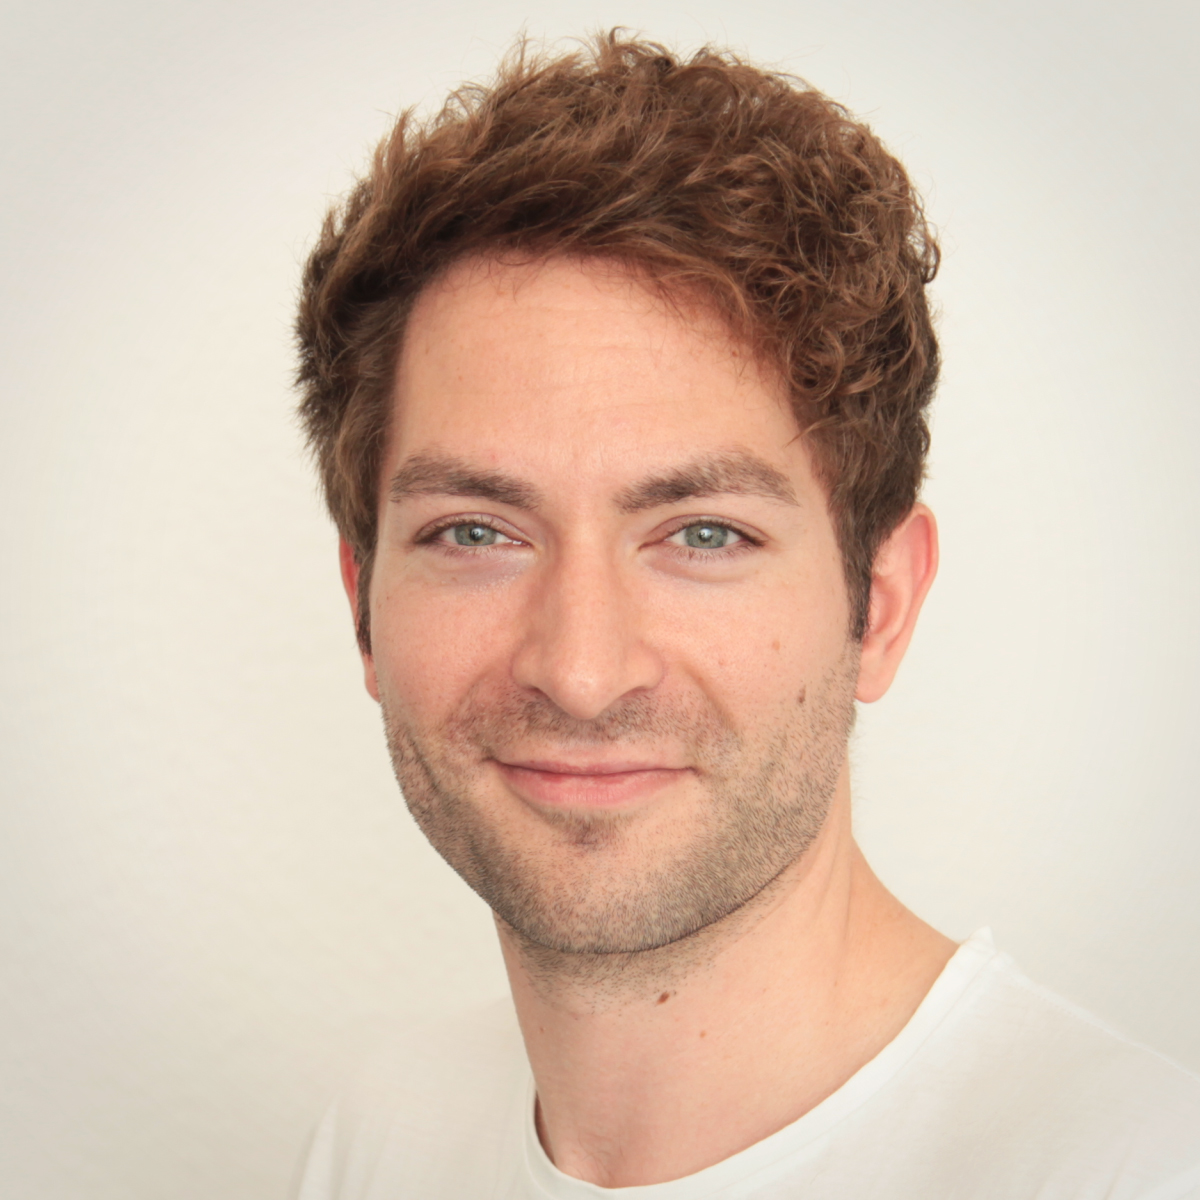 Profilbild Tim Neumann